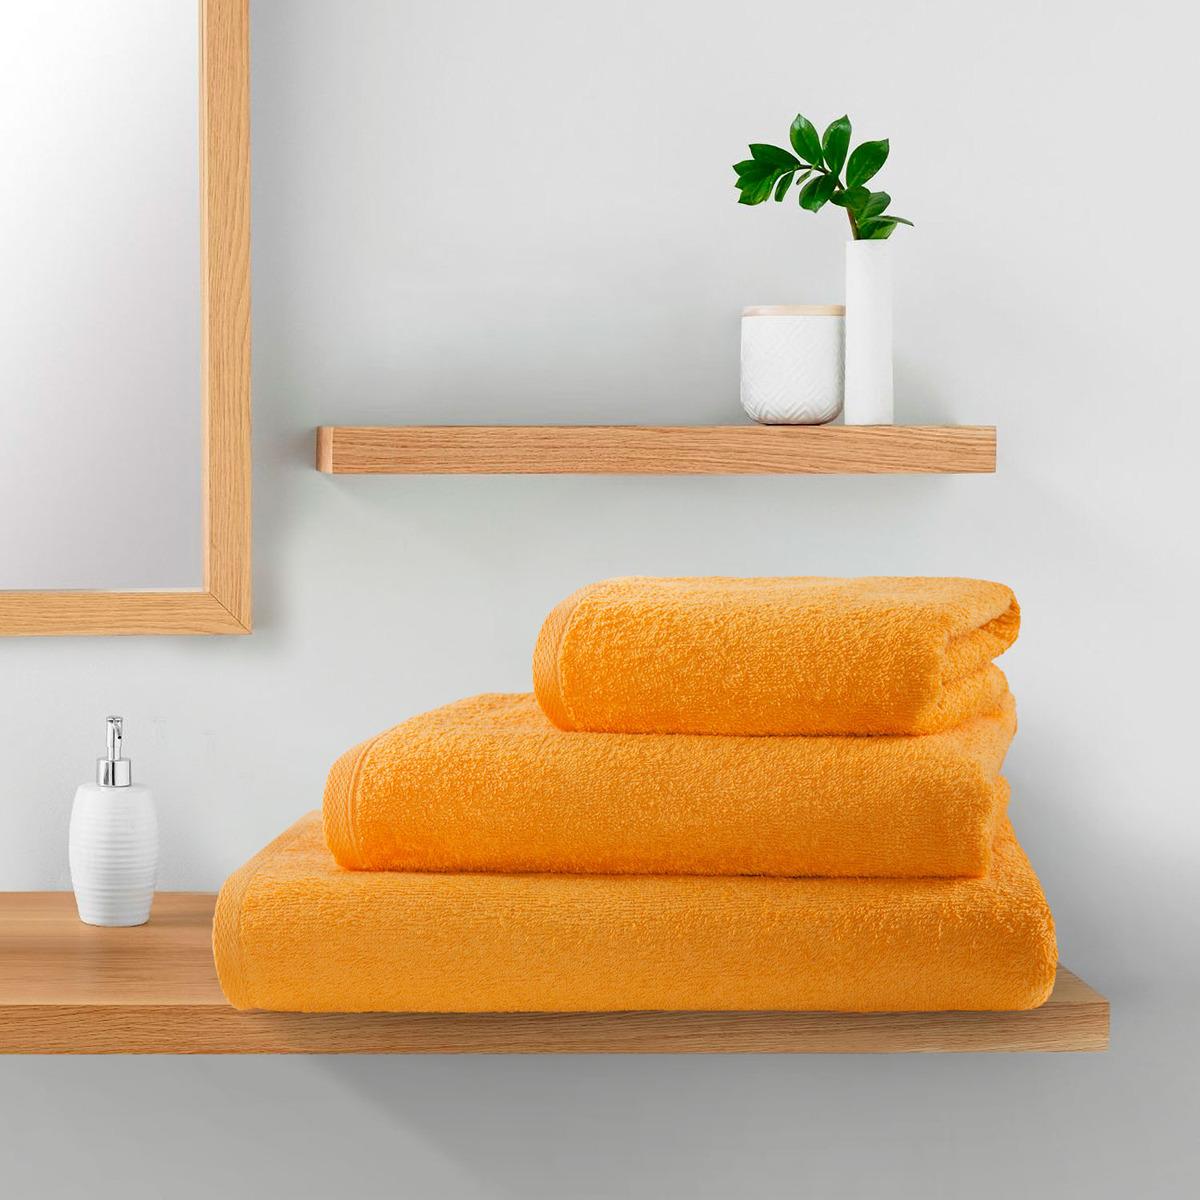 Полотенце Guten Morgen Комфорт, ПМЛб-50-90, оранжевый, 50 х 90 см